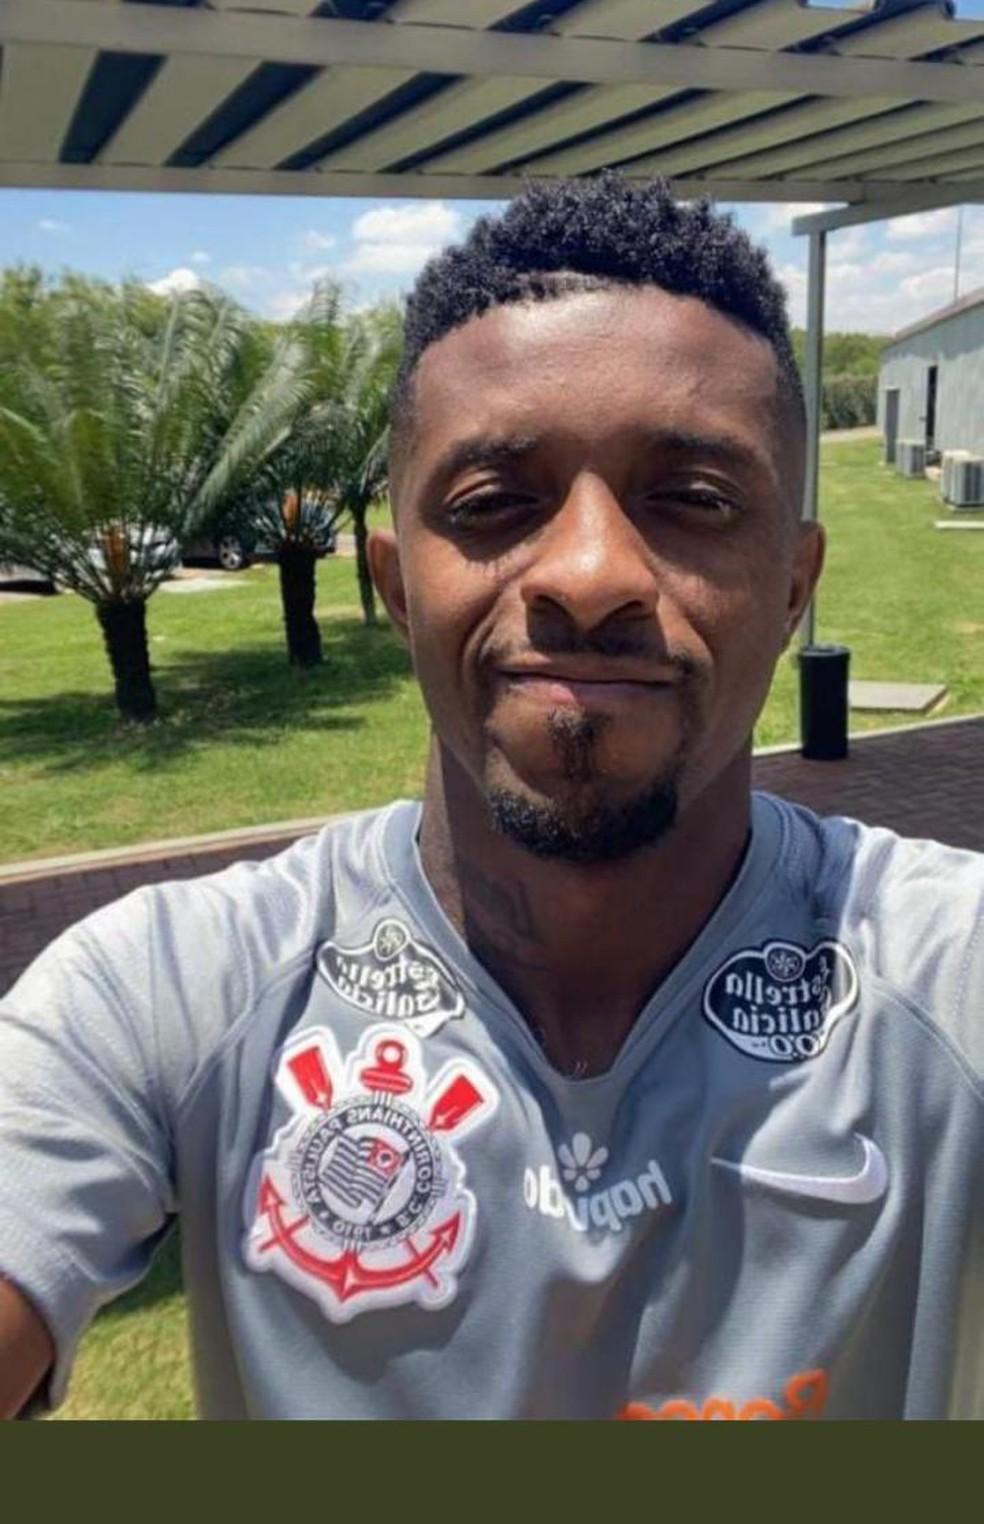 Jogador fez selfie com uniforme no CT do Corinthians- Reprodução/Redes sociais